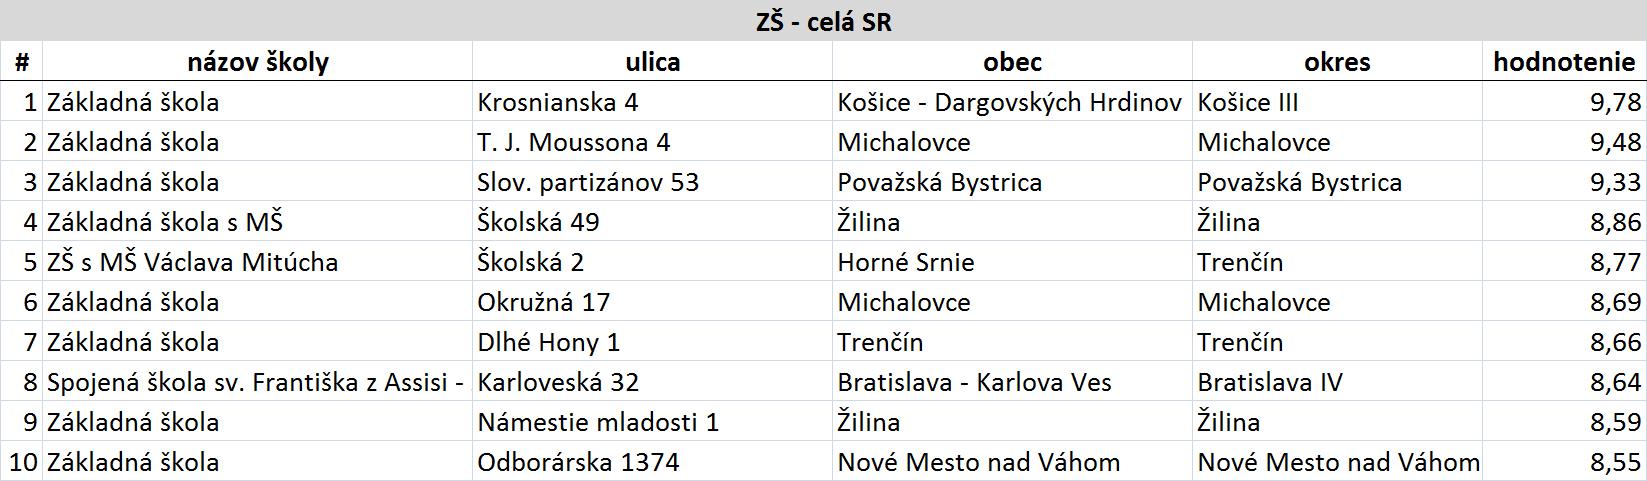 Rebríček najlepších základných škôl na Slovensku podľa INEKO  e185c448a29